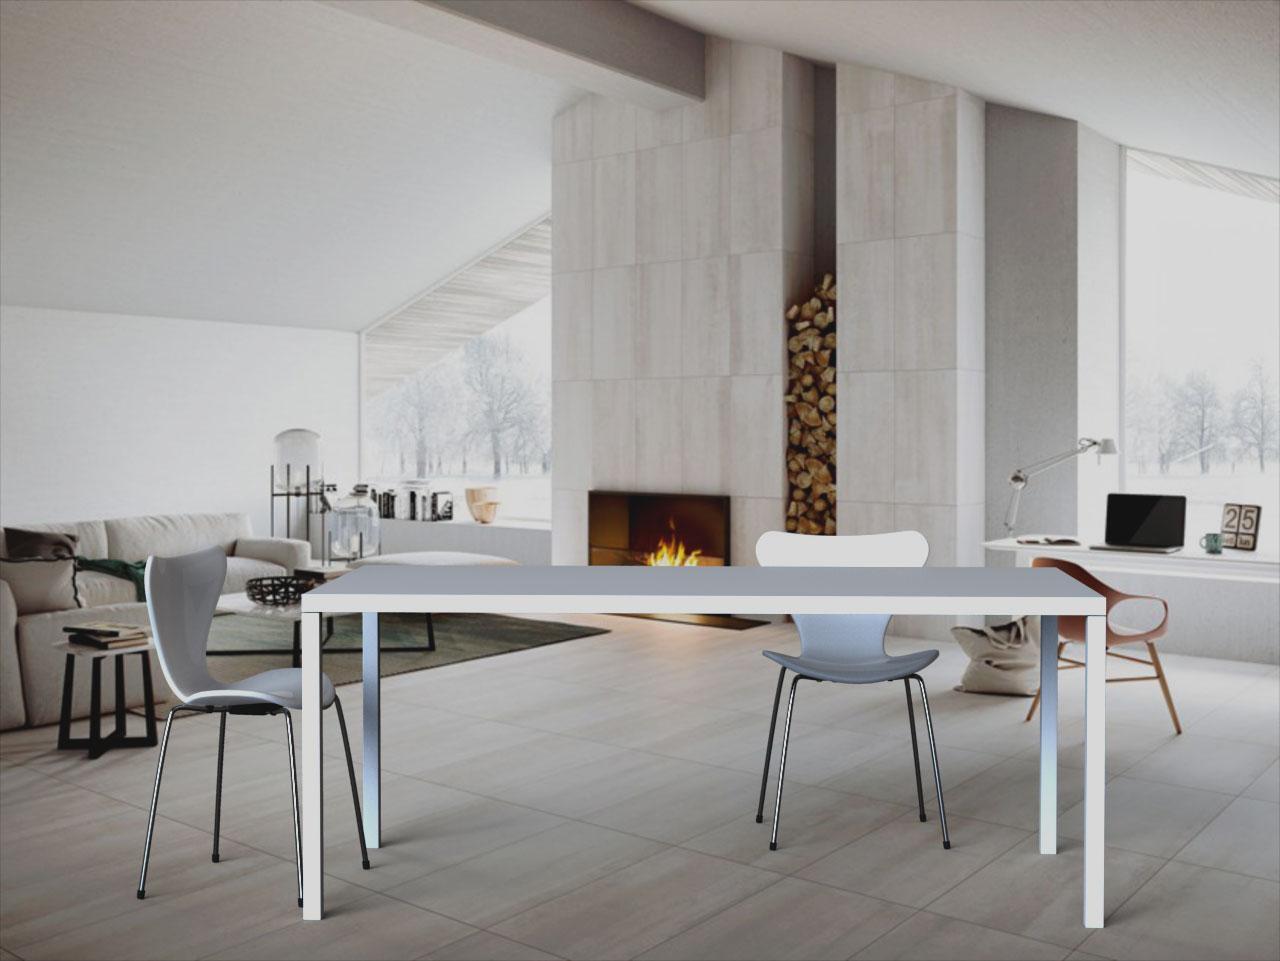 Lune design tavolo 39 sorrento 39 con piano in corian for Azienda soggiorno sorrento